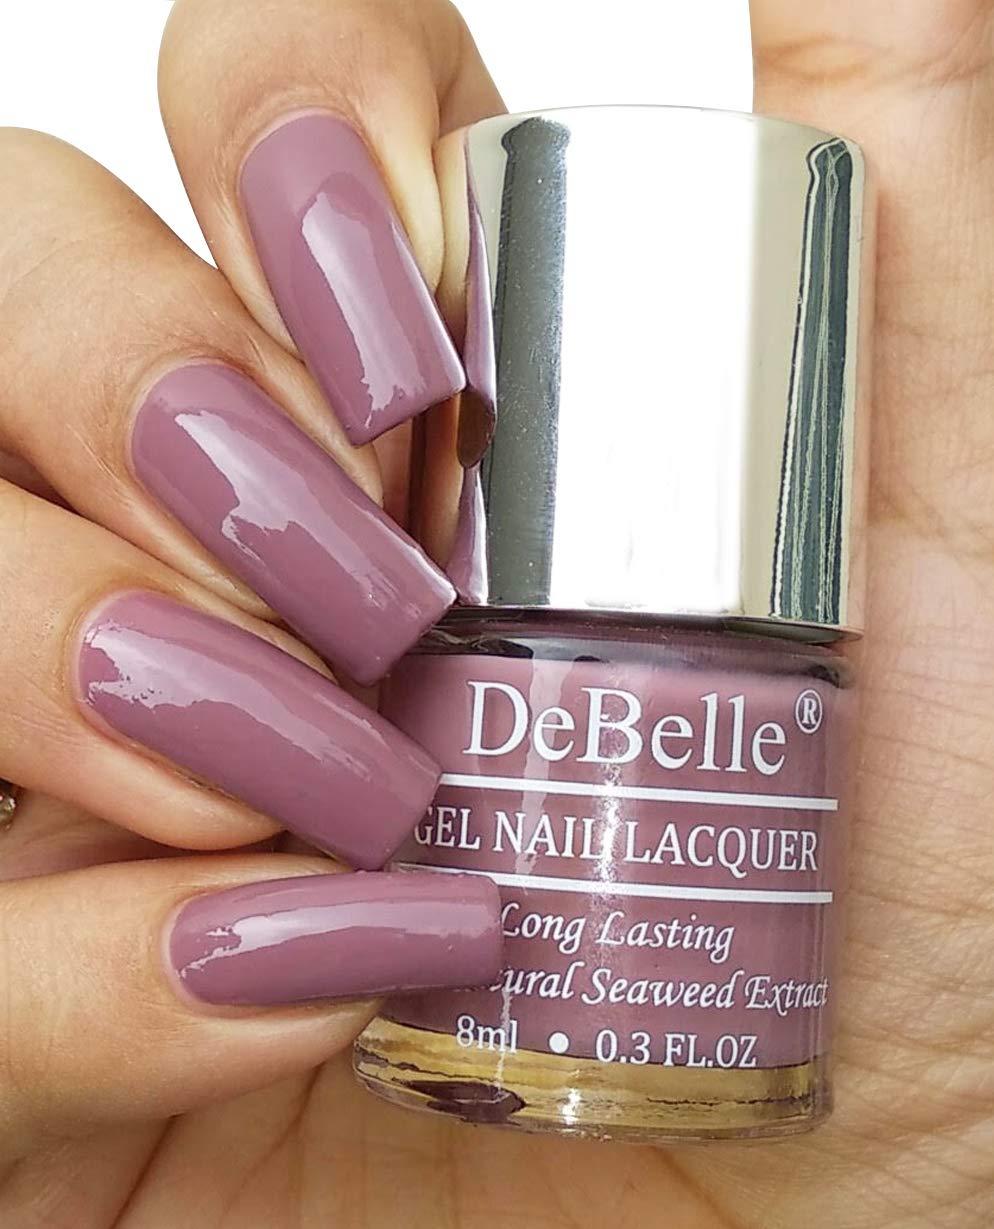 DeBelle Gel Nail Lacquer Majestique Mauve - 8 ml